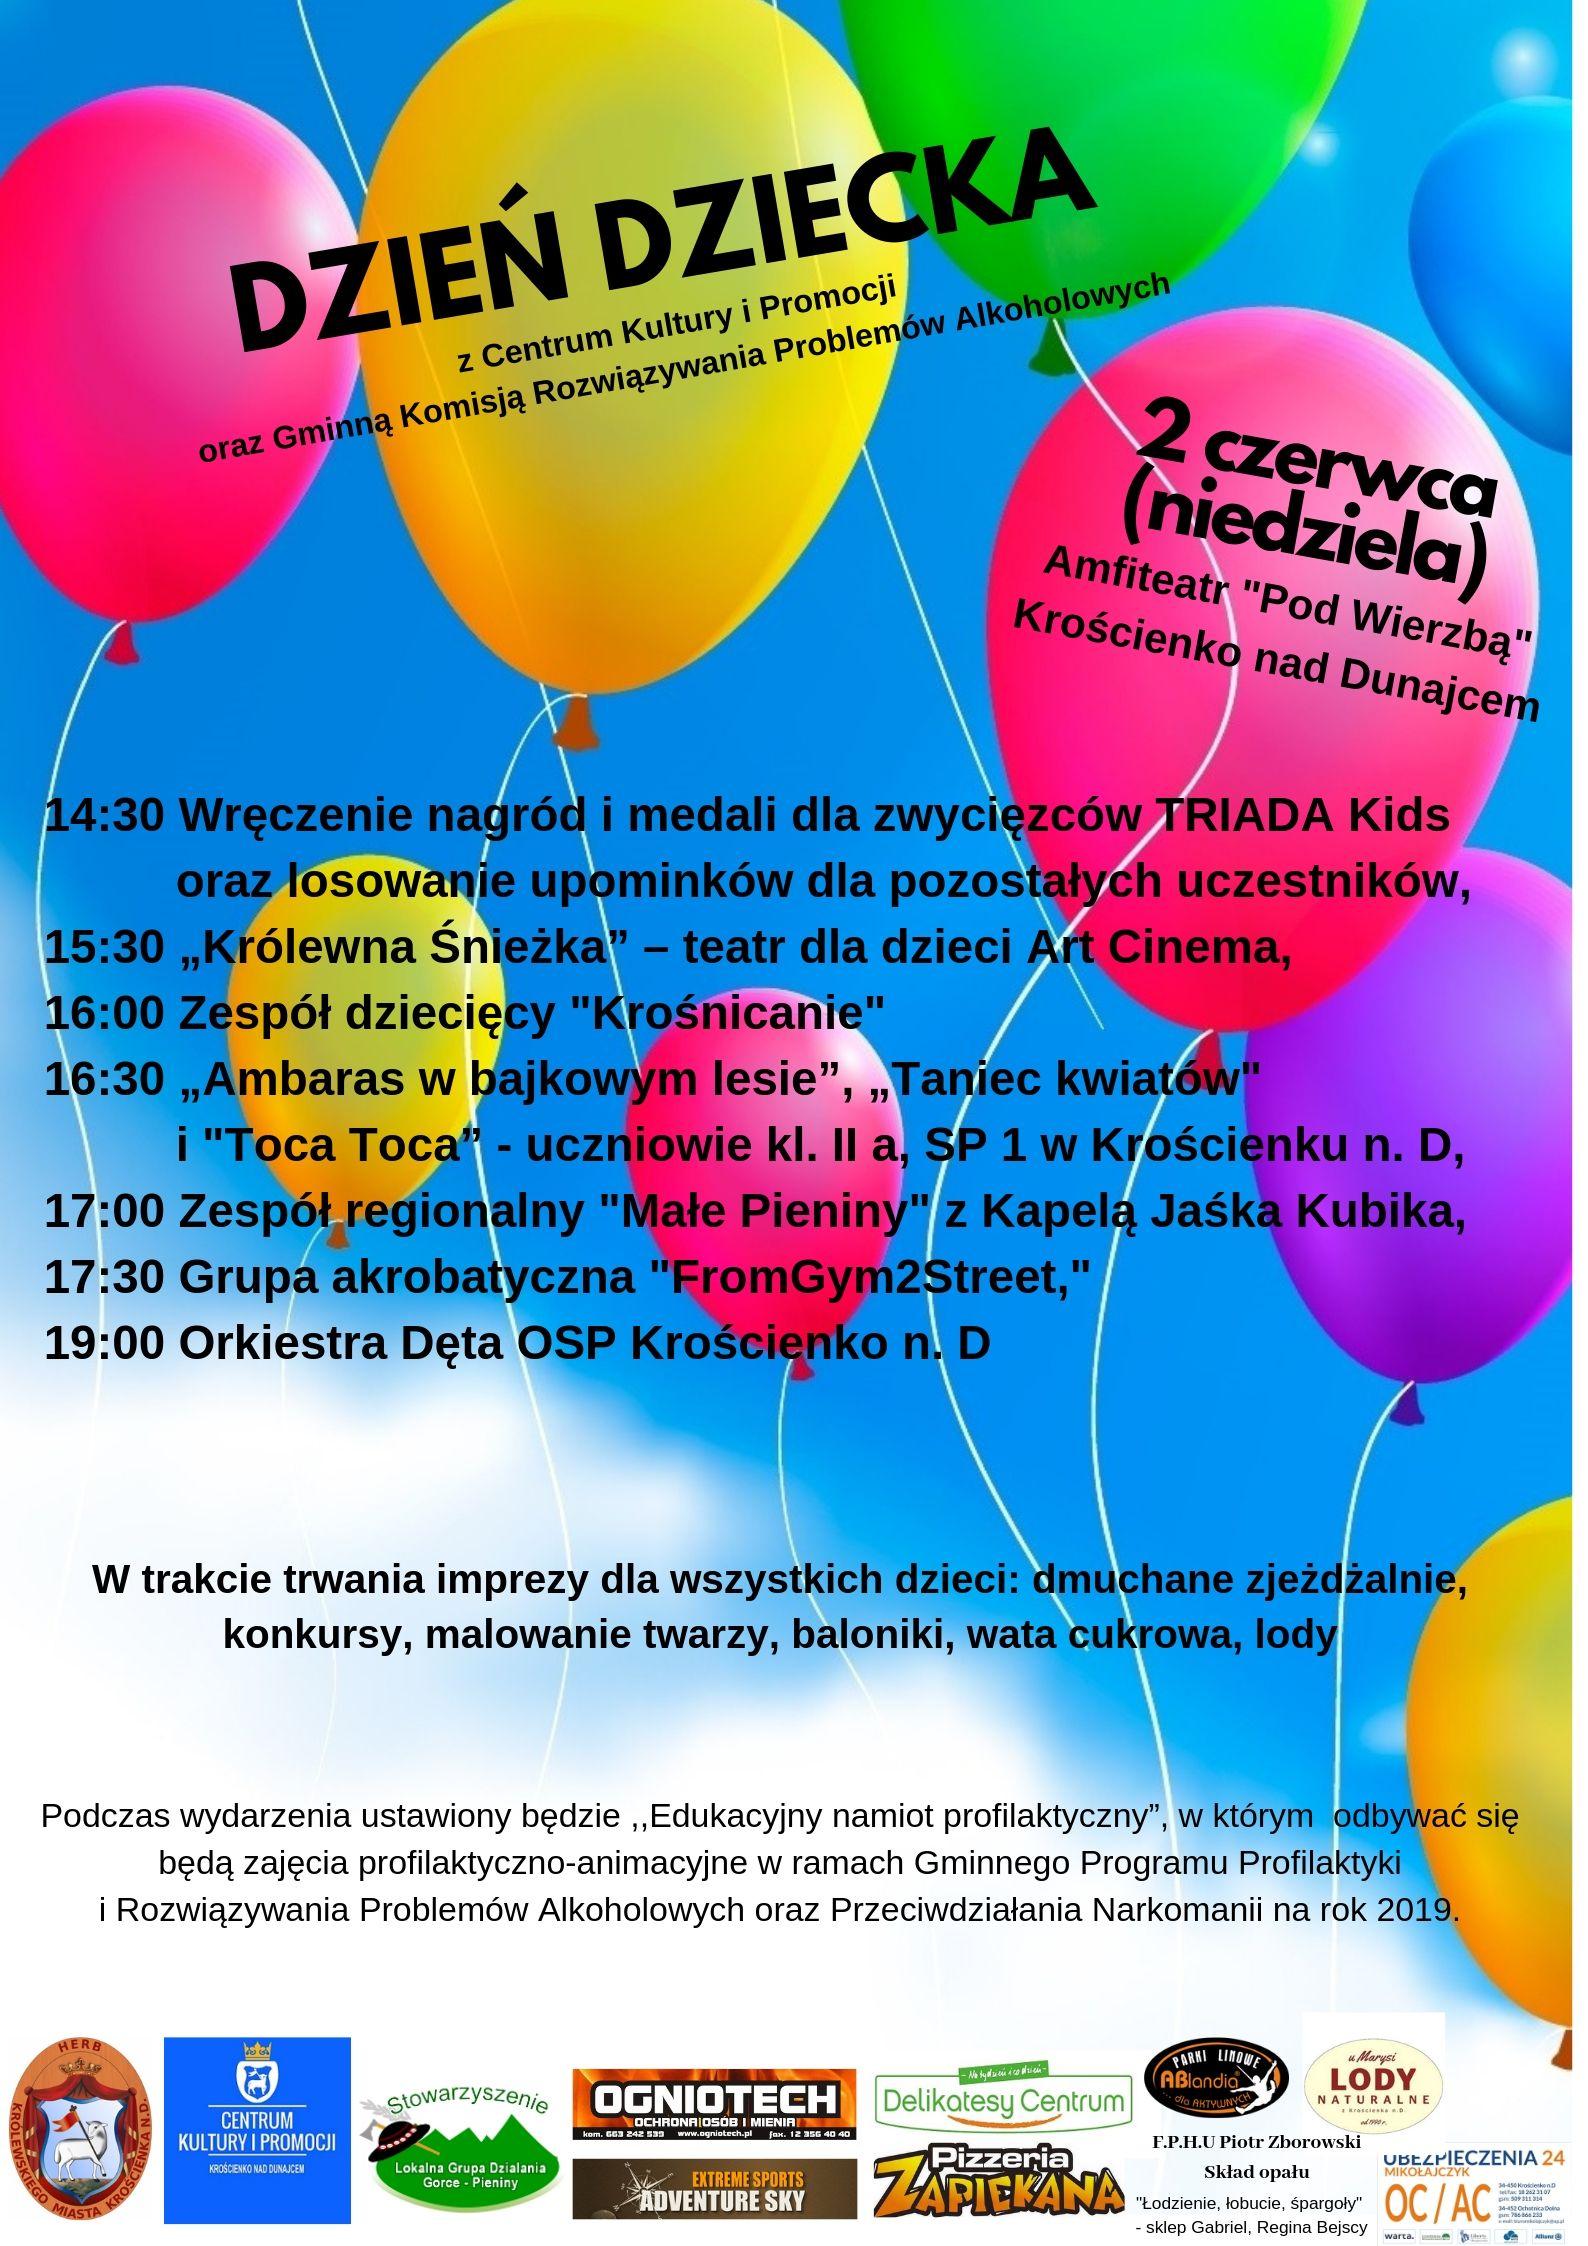 Dzień Dziecka - zapraszamy dzieci do wspólnej zabawy